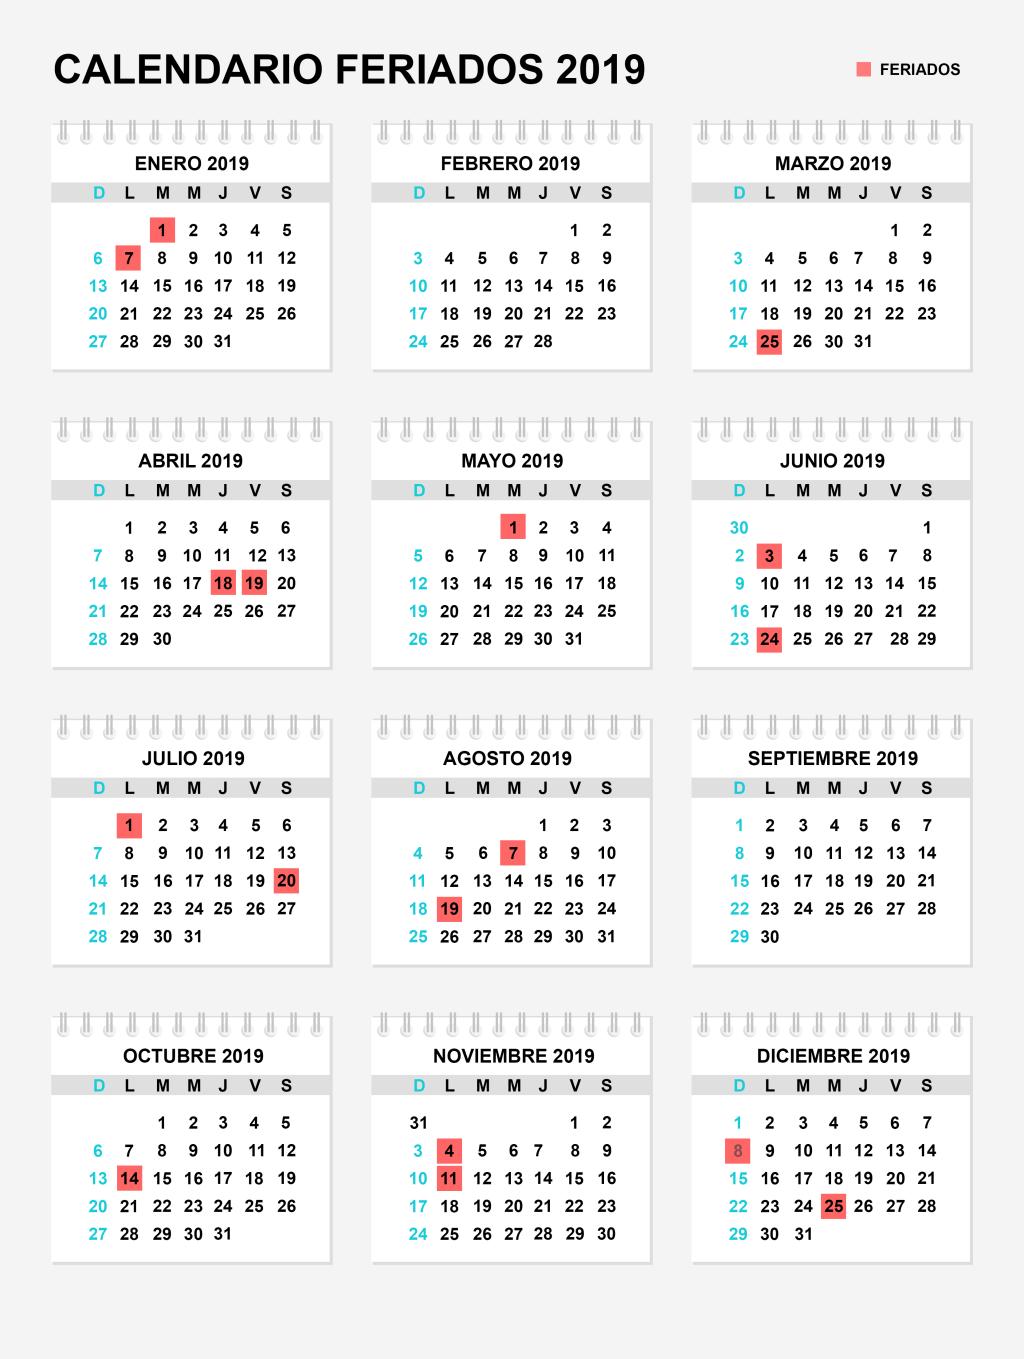 Días festivos Colombia 2019